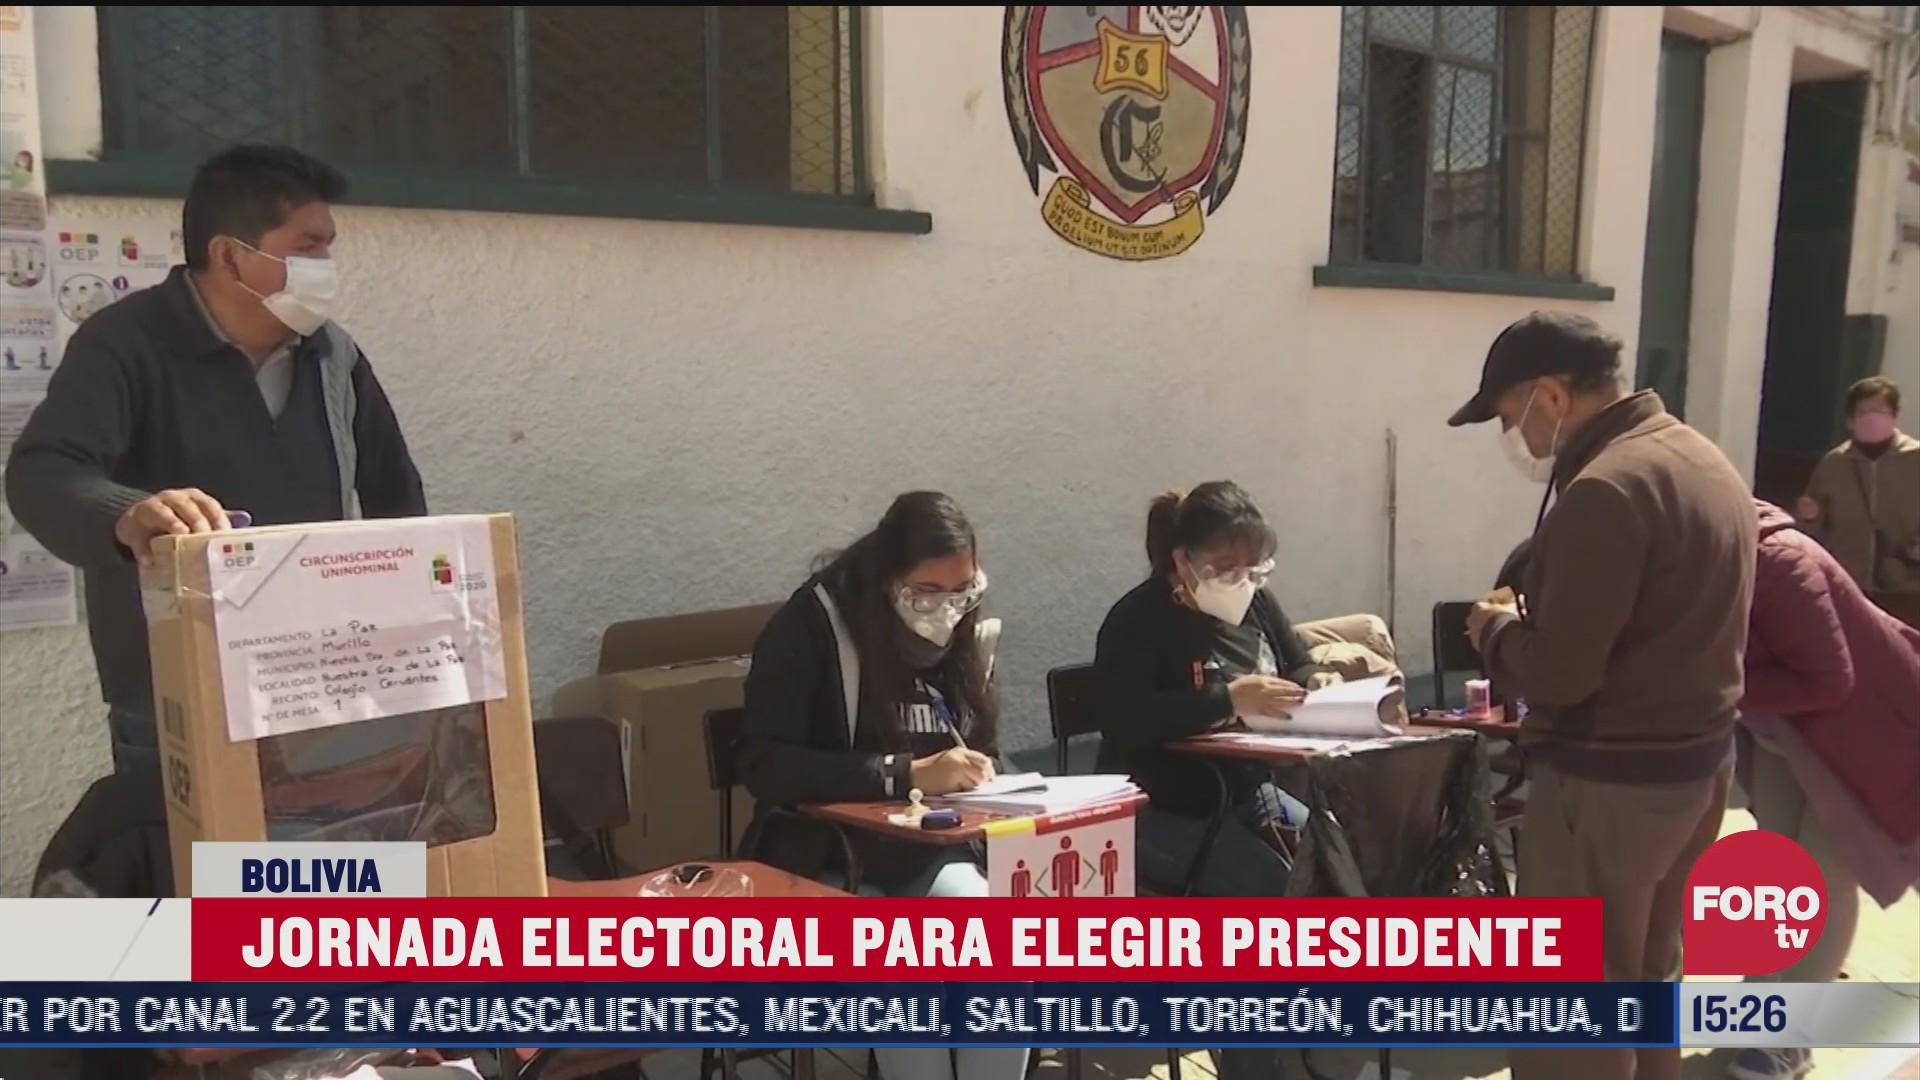 elecciones en bolivia se desarrollan con tranquilidad